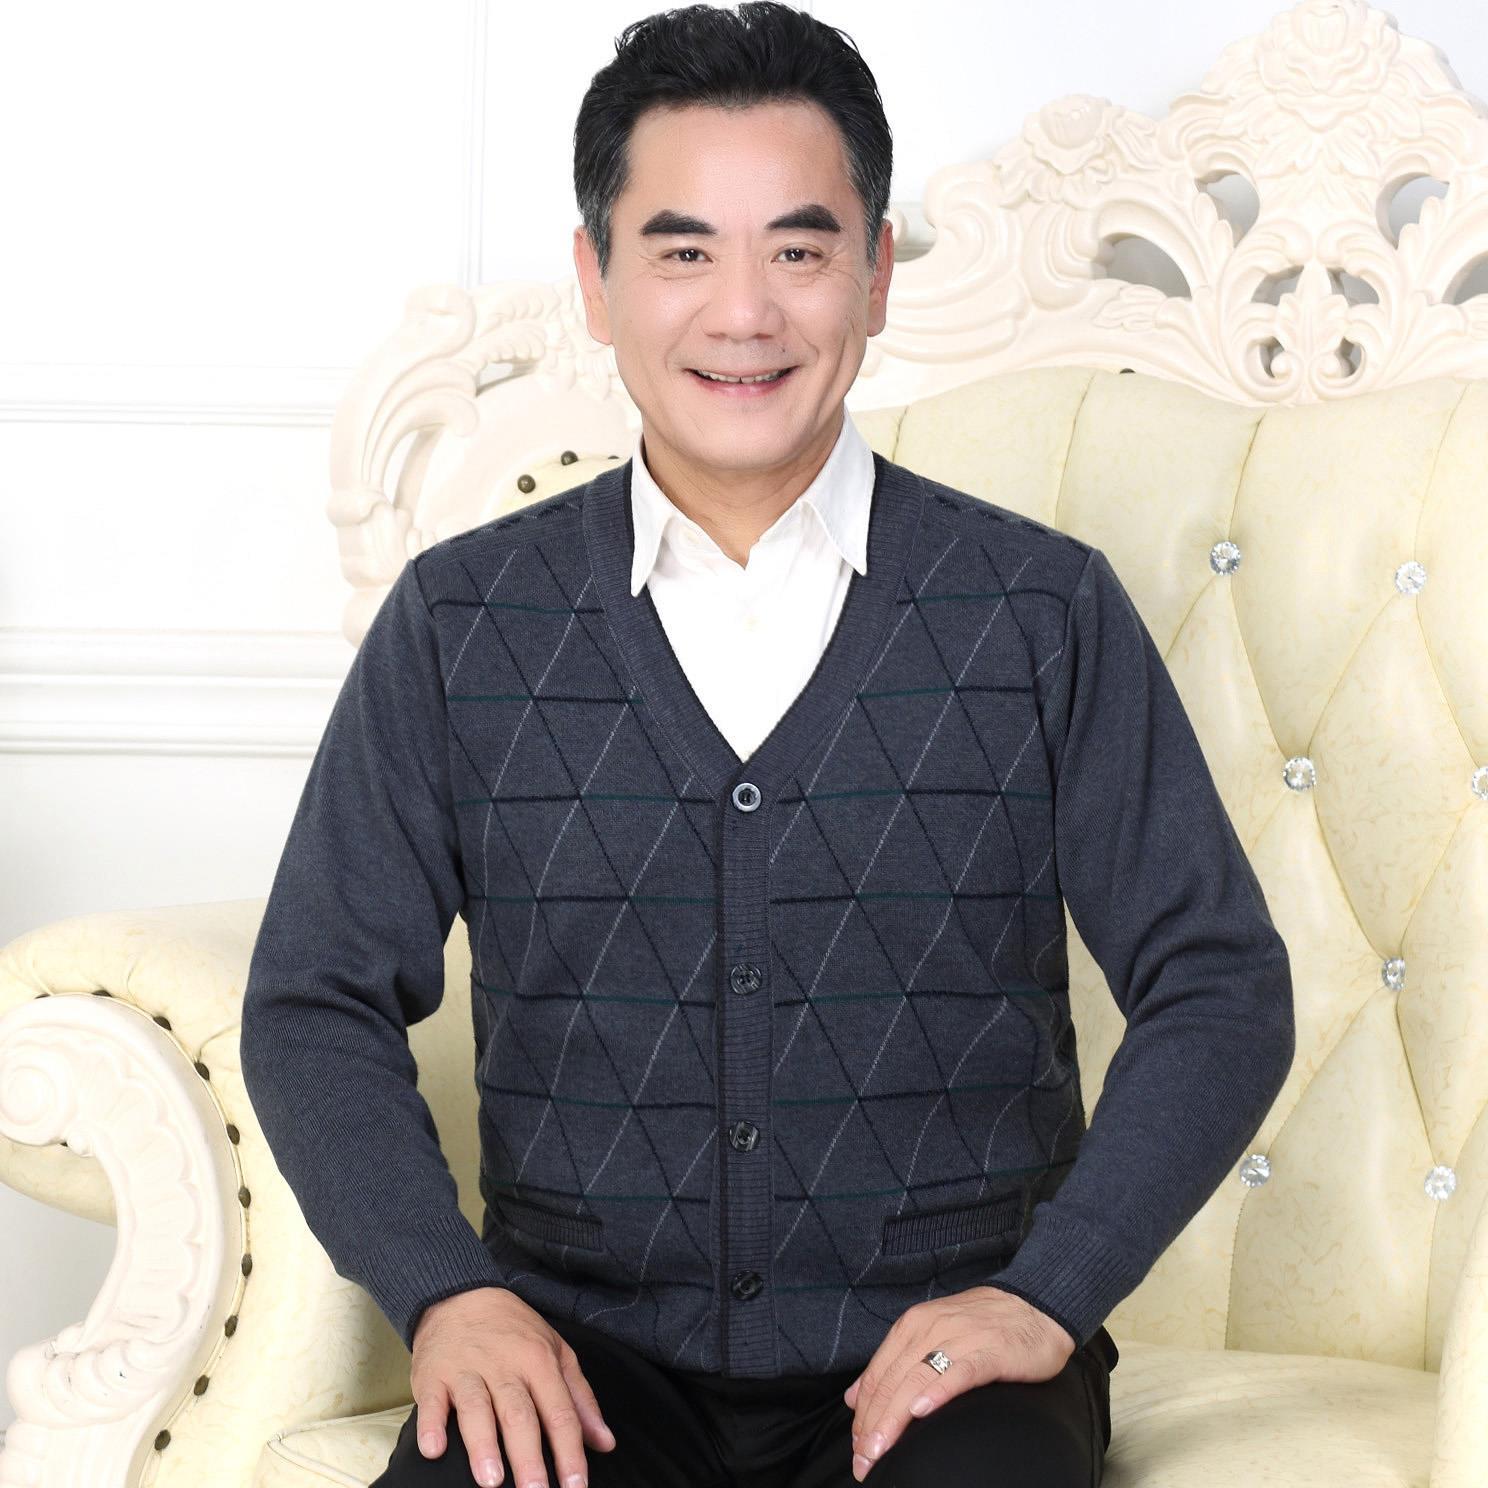 老人の男性の新型のカーディガンはカーディガンに対して厚くて、肥えたおじいさんはセーターを詰めます。